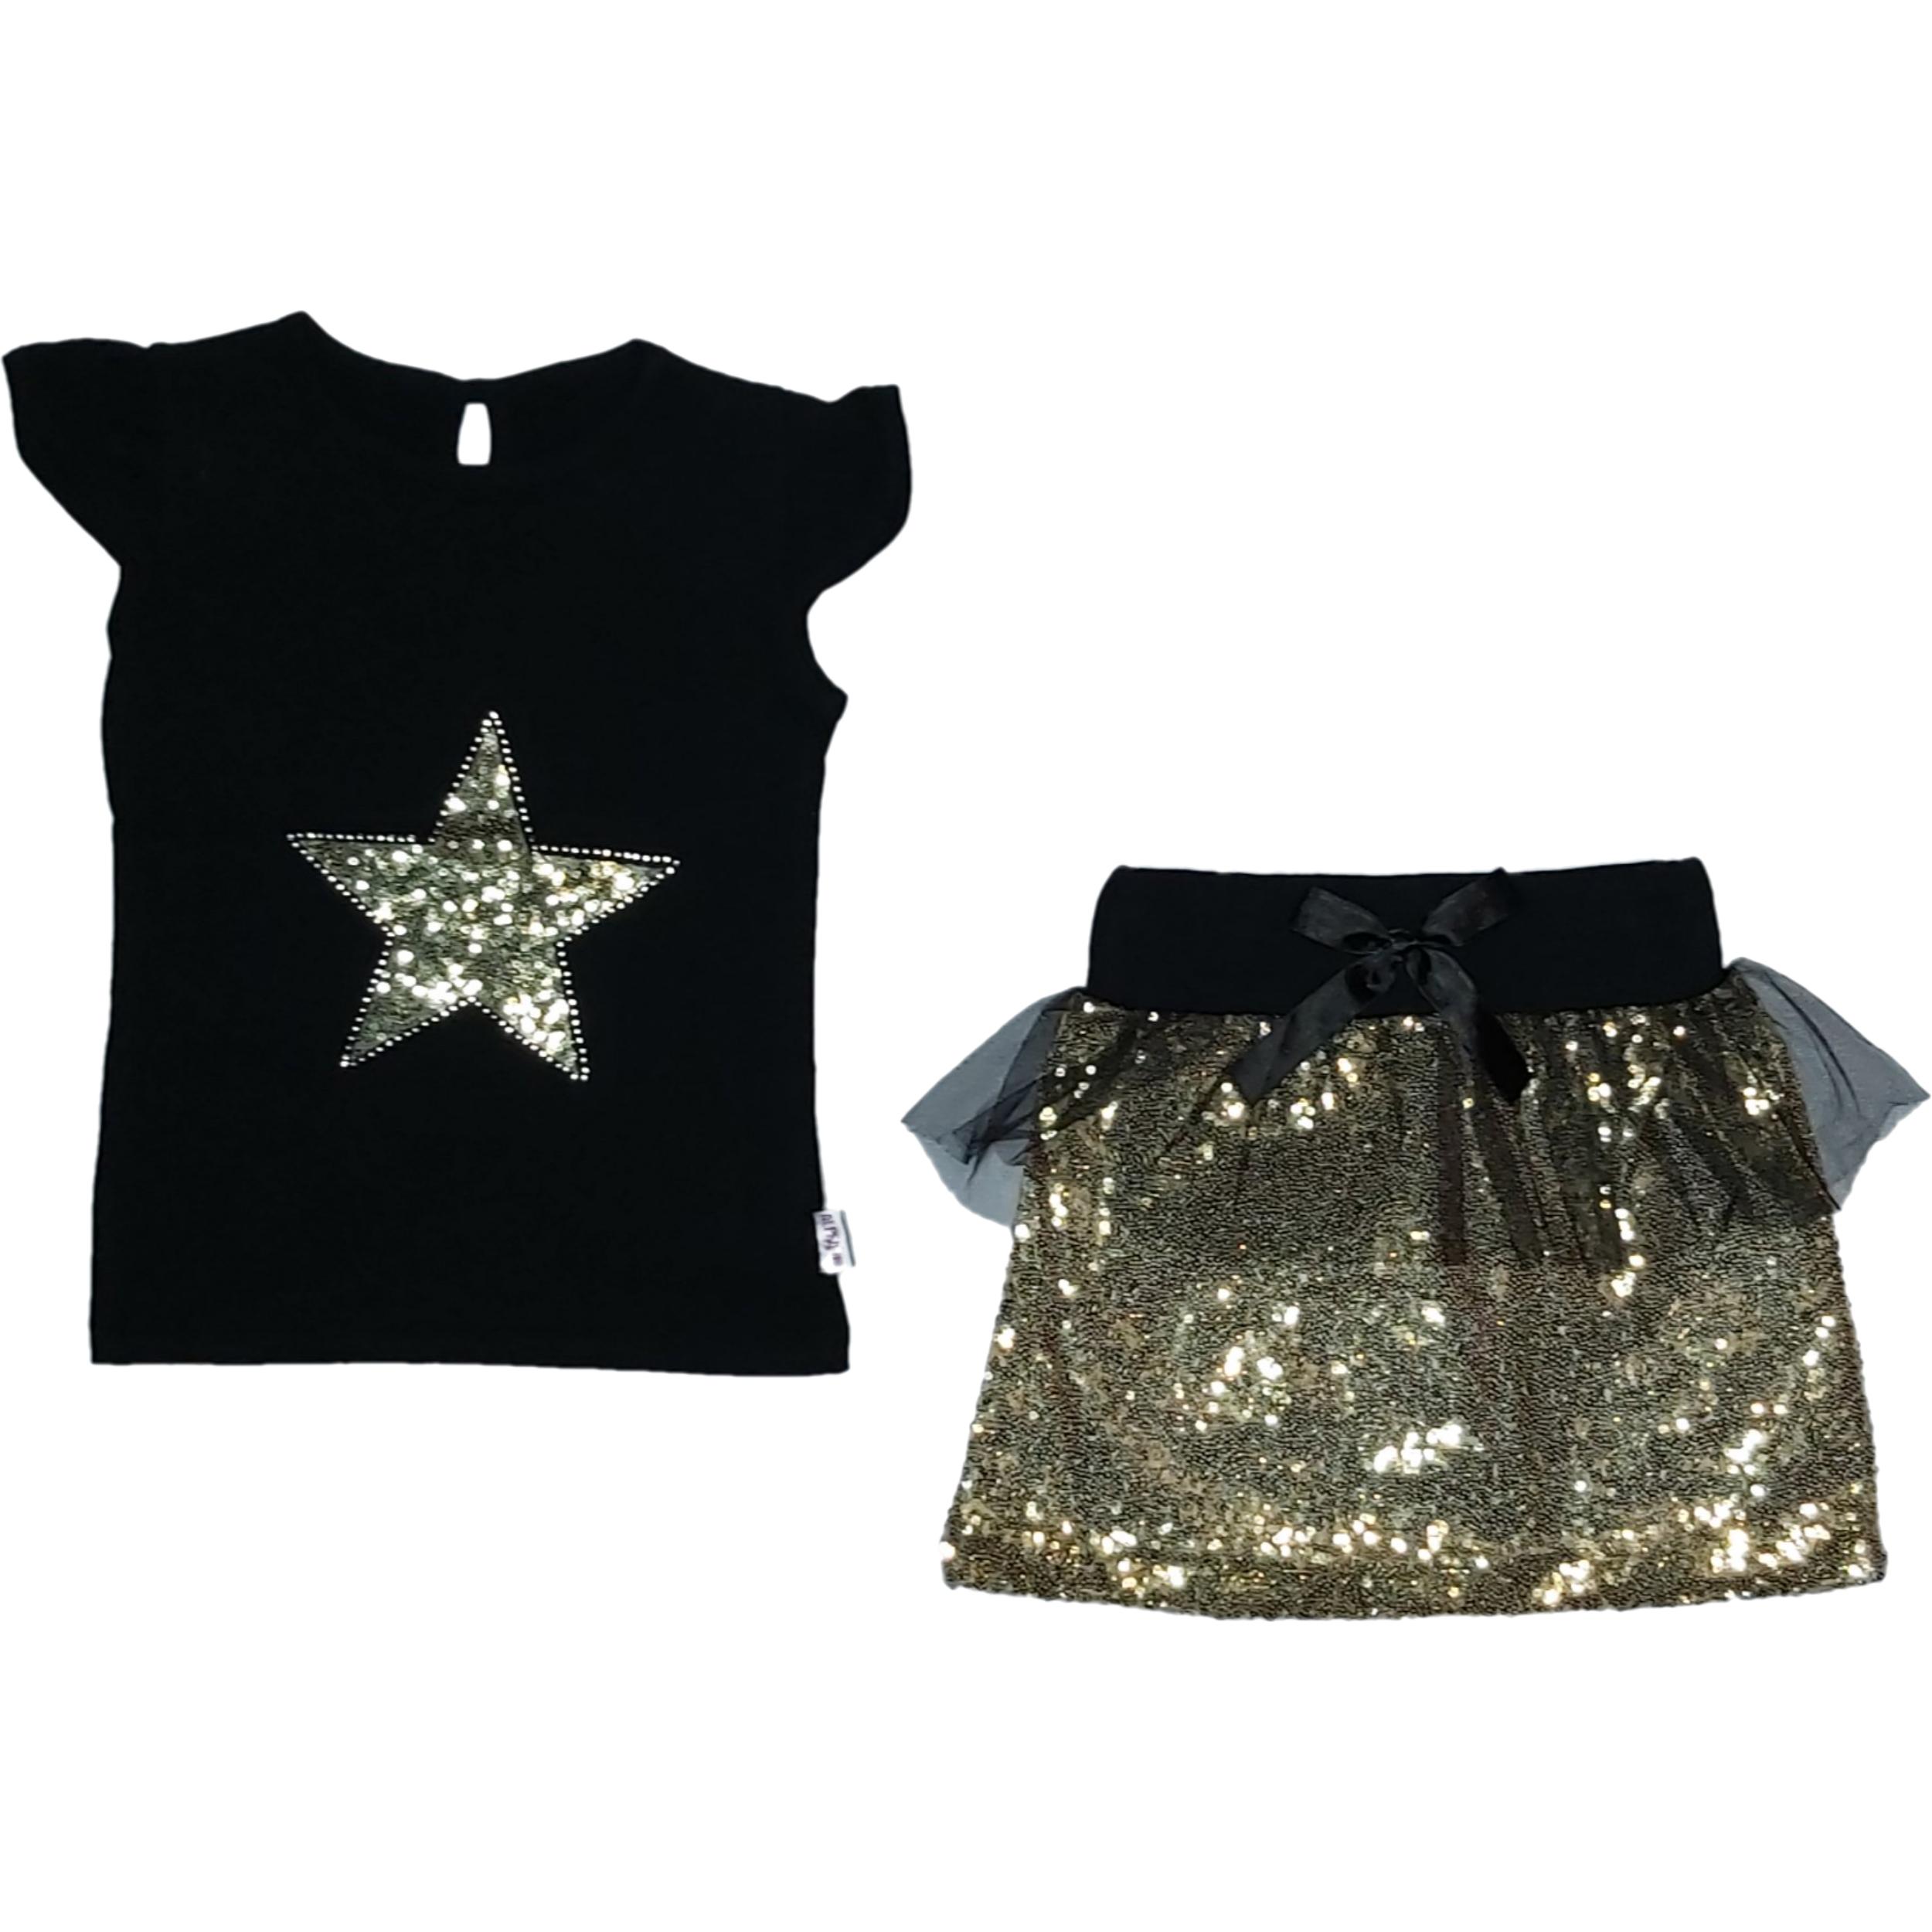 ست تی شرت و دامن دخترانه طرح ستاره کد ۴